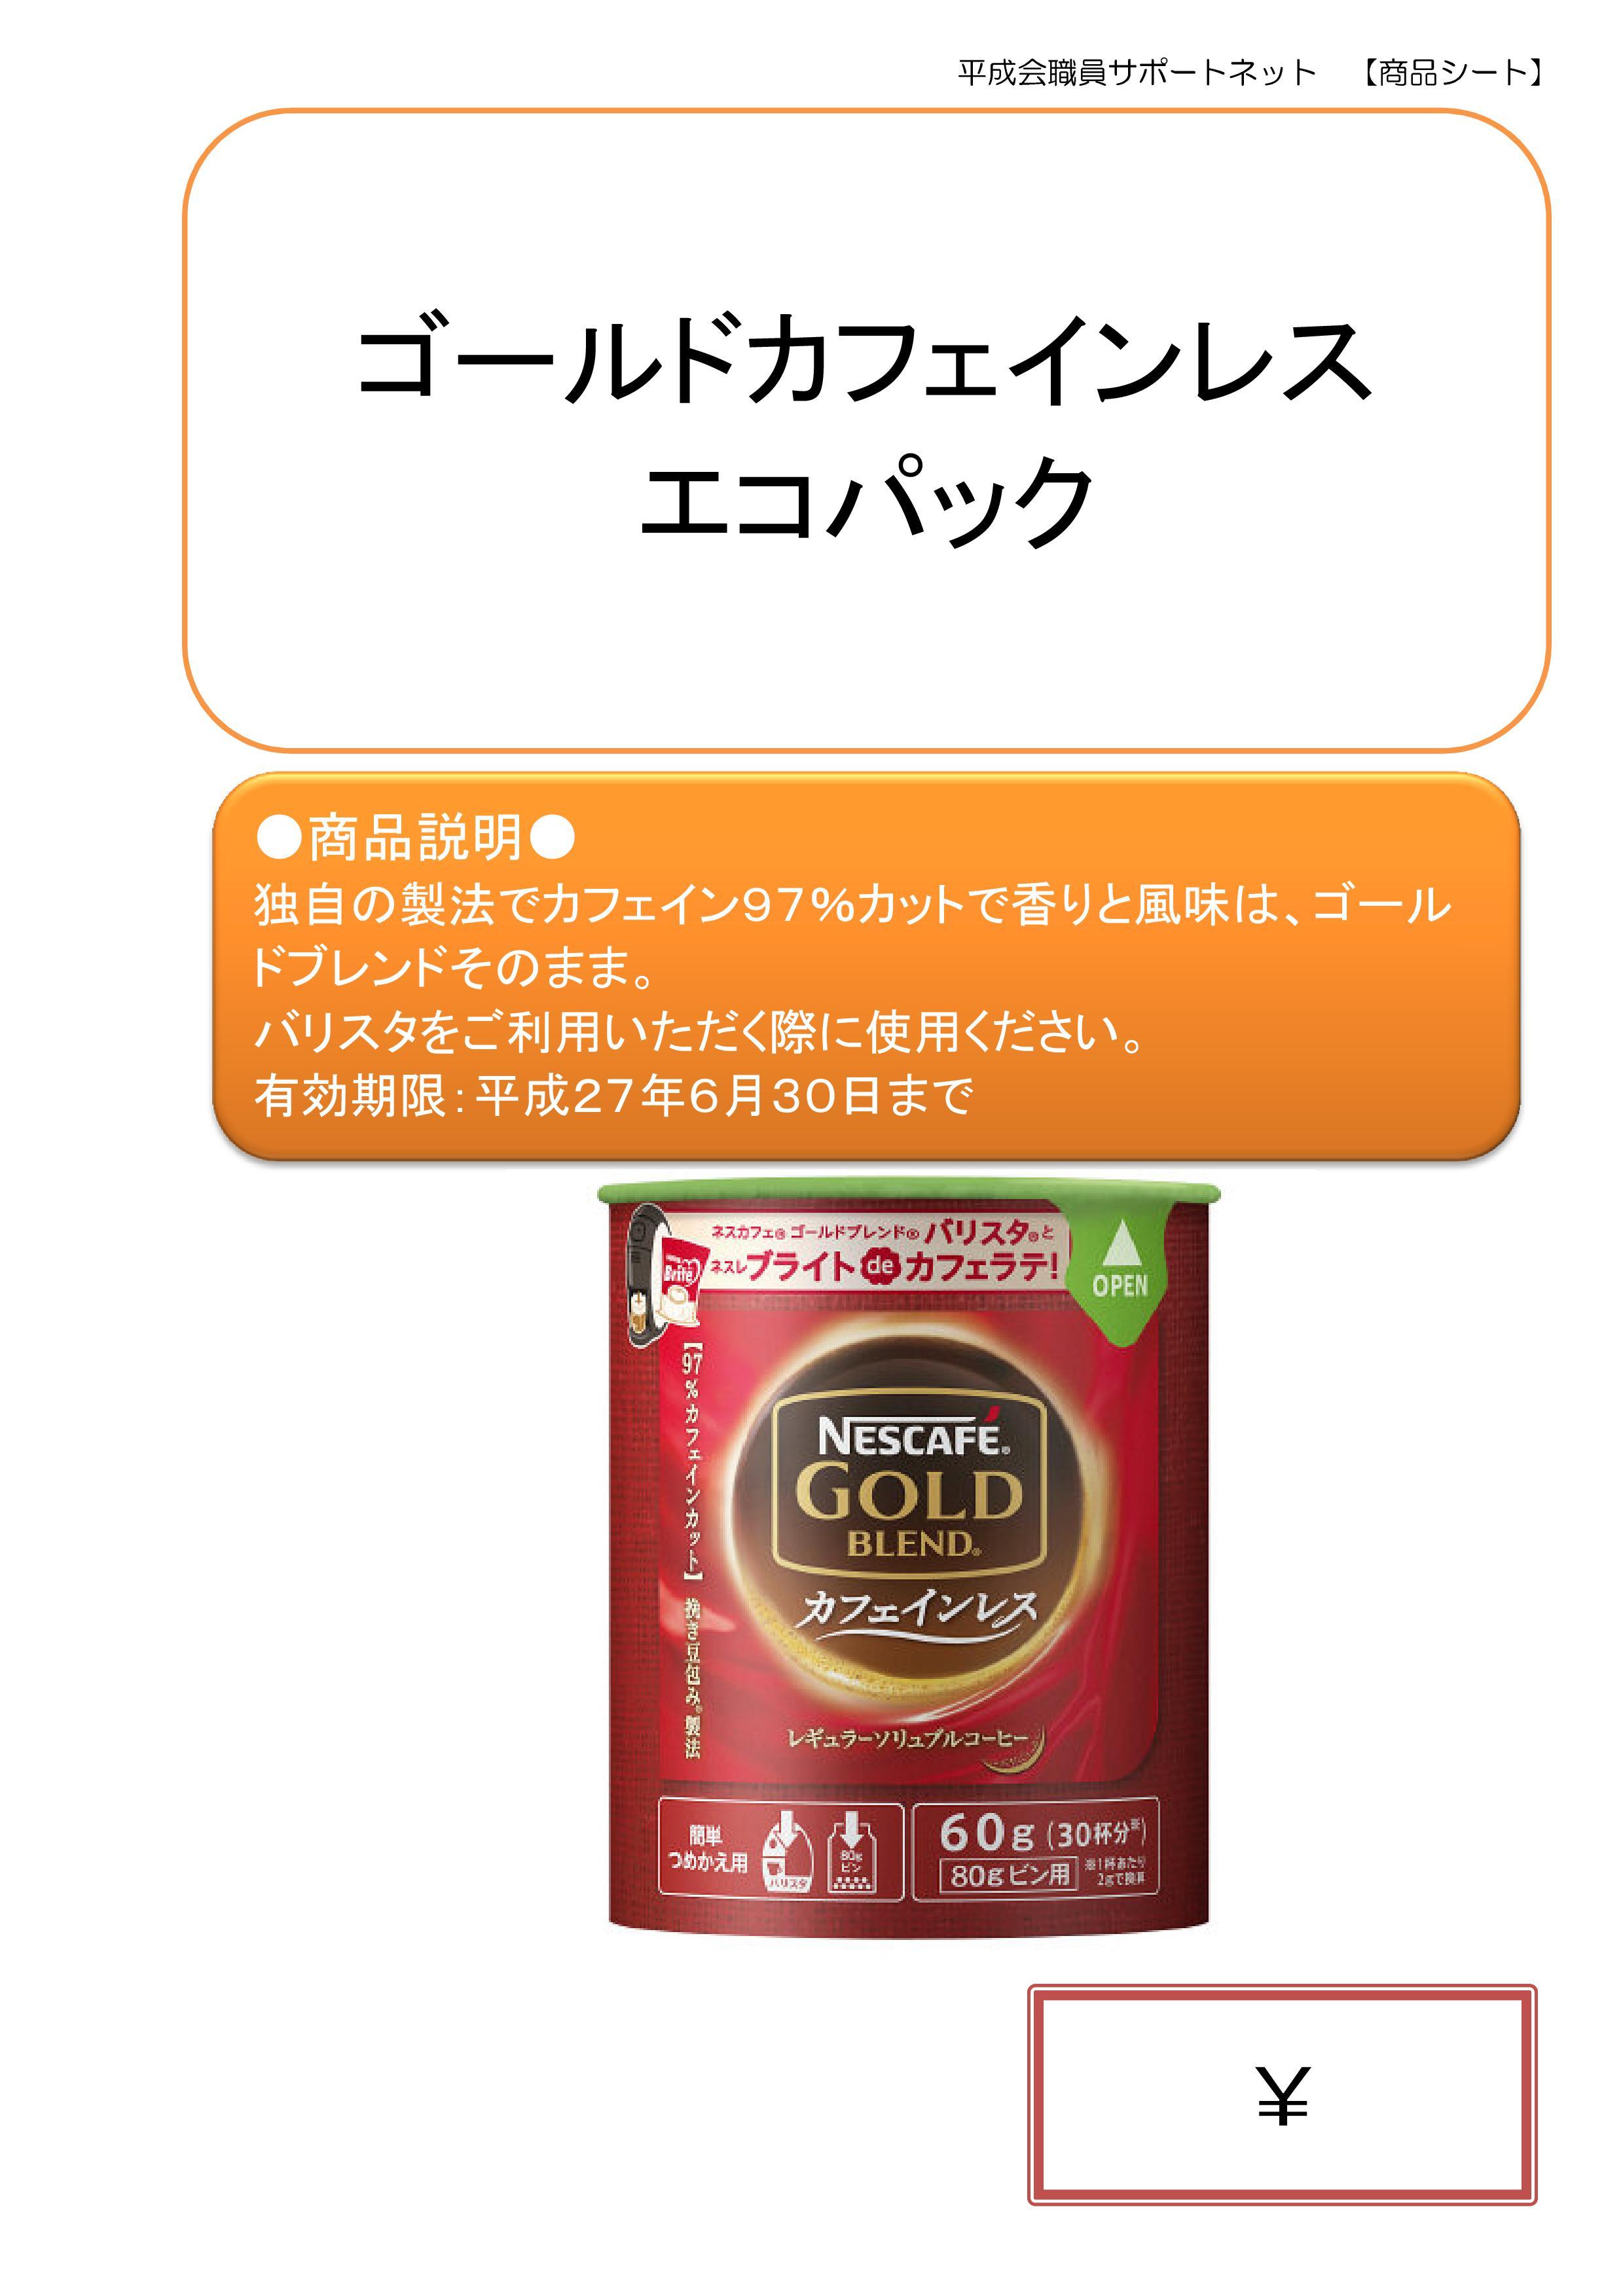 ゴールドカフェインレスエコパック